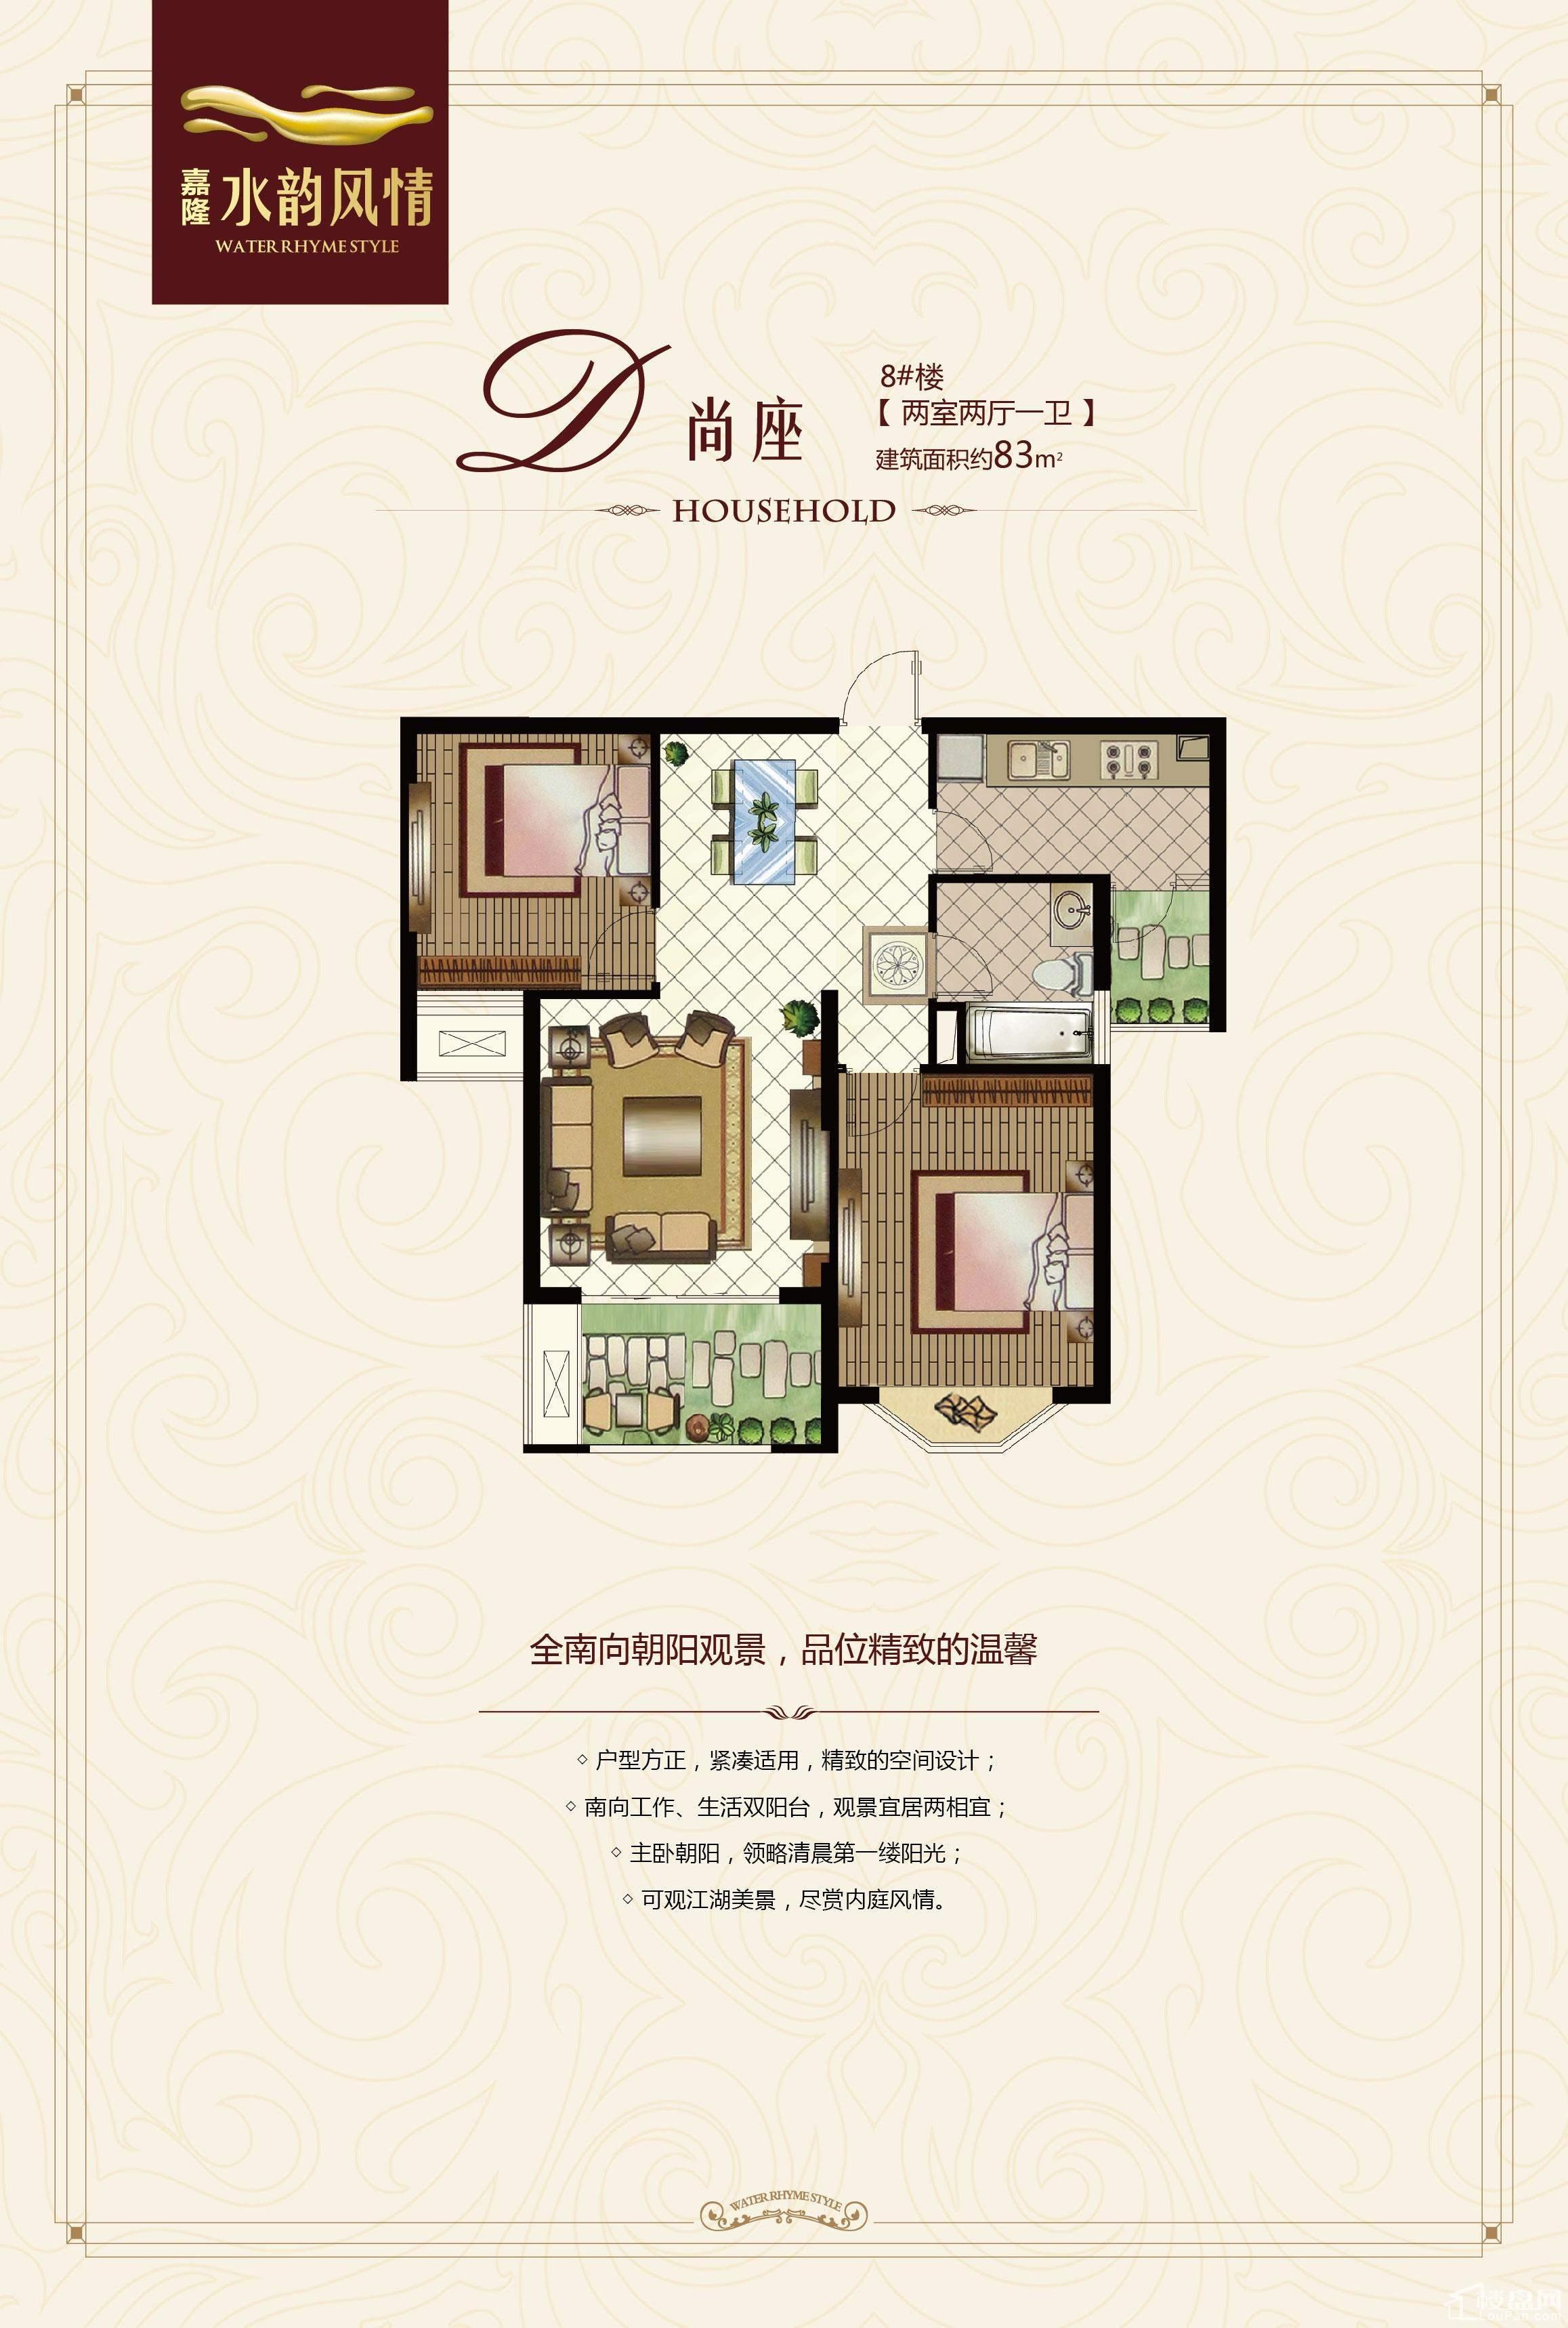 8#楼 尚座